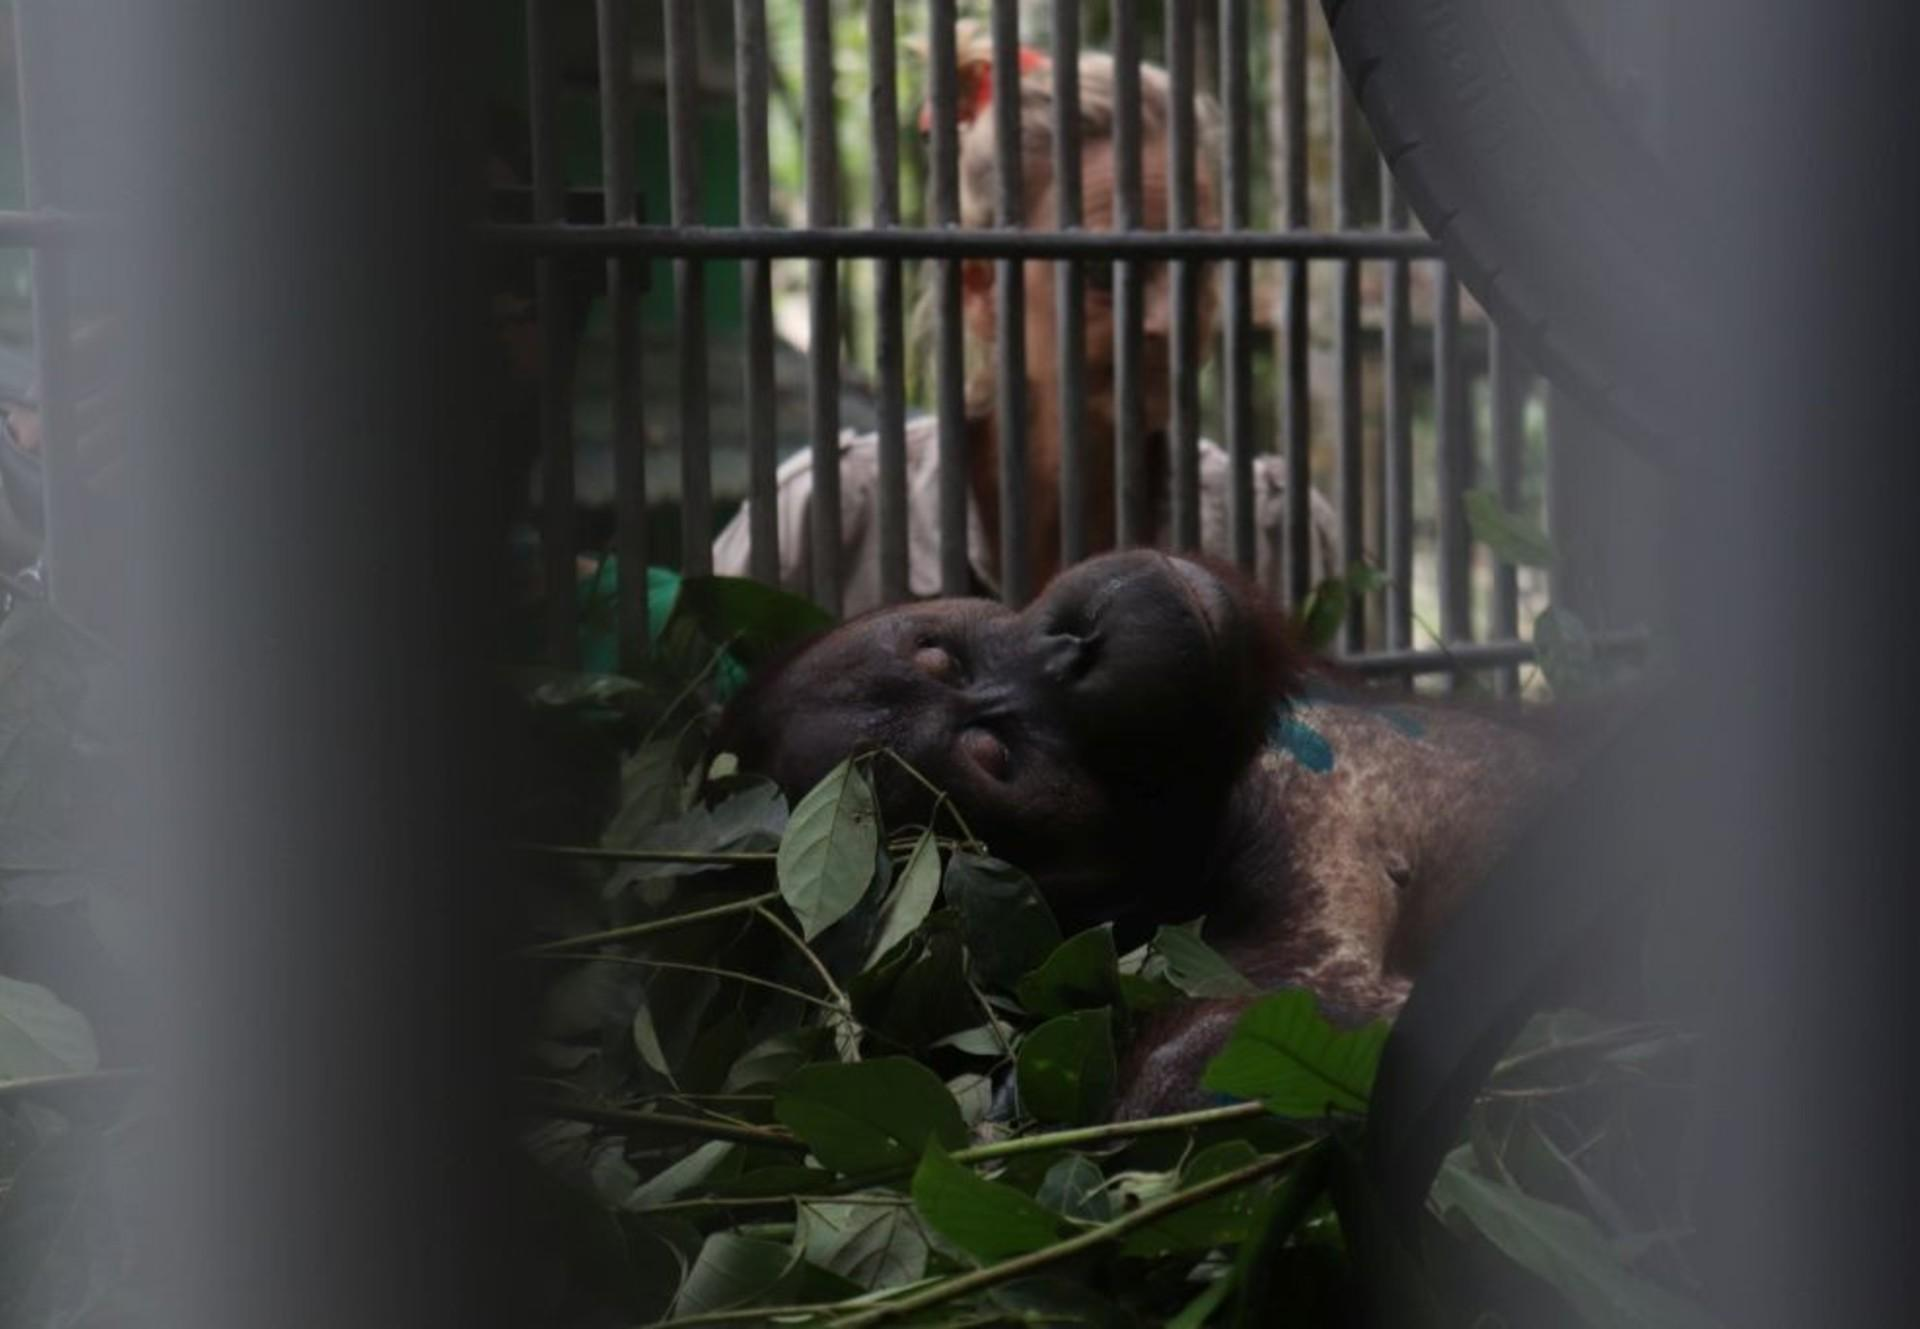 VIER PFOTEN Primatologin Signe Preuschoft hat Orang-Utan Robin nach der Operation gut unter Beobachtung (c) surgery of orang-utan Robin (c) Jejak Pulang   VIER PFOTEN   Agustina DS